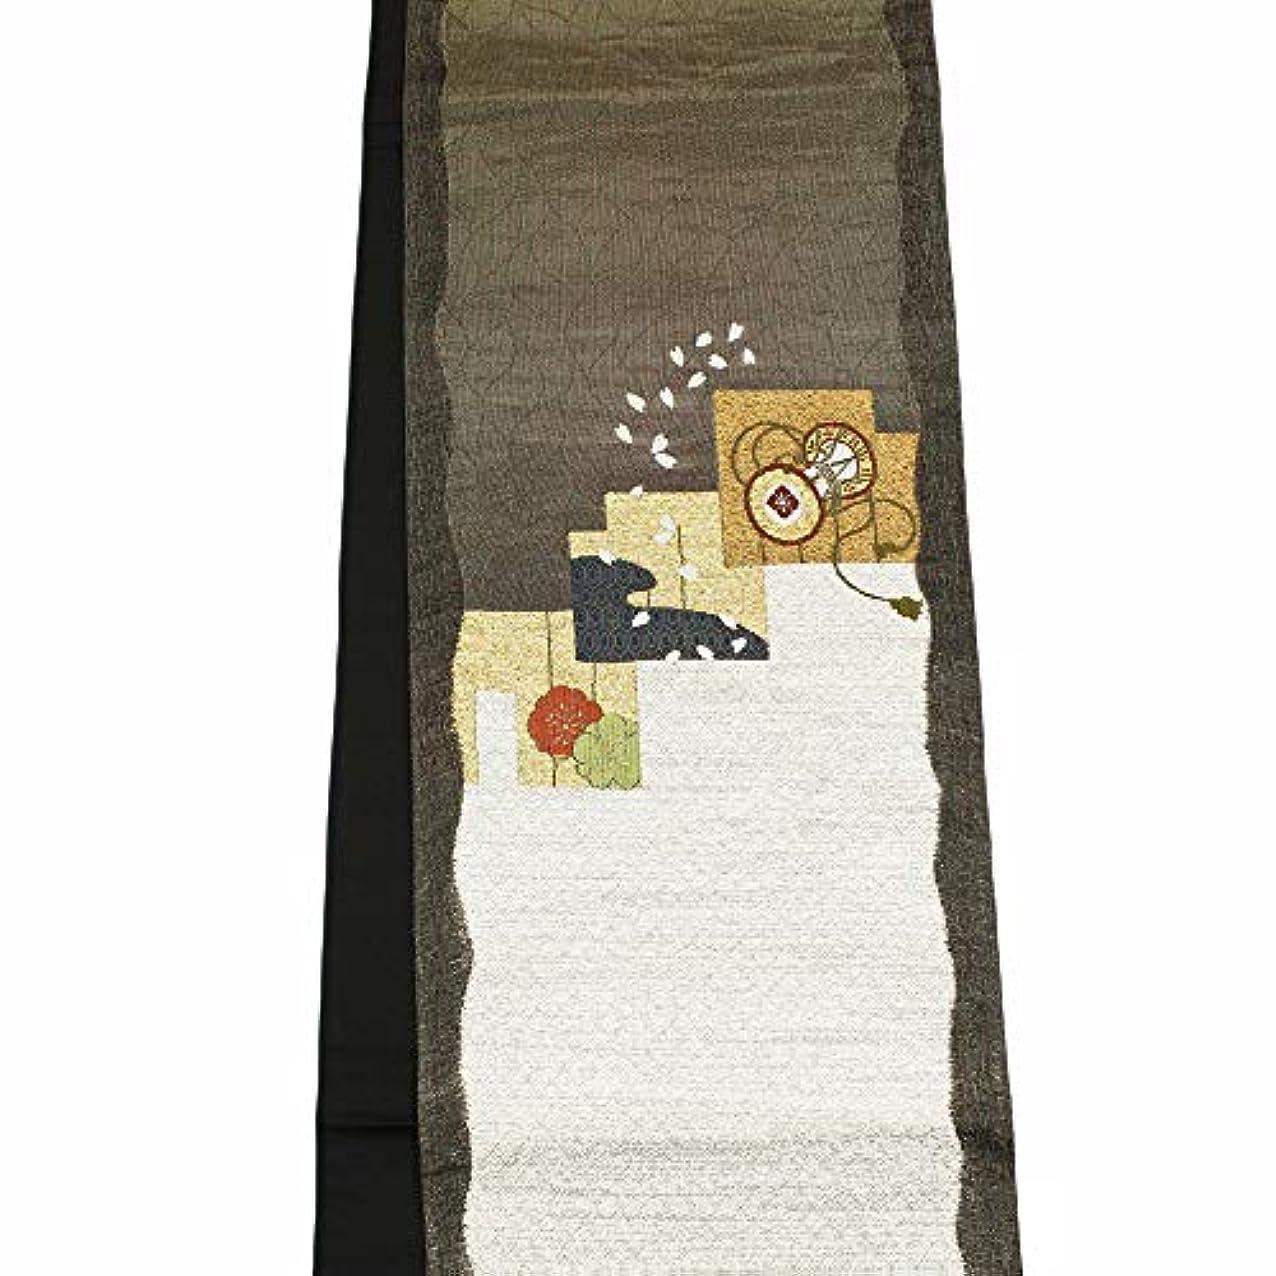 薬ベーコン完璧【訳あり】【正絹袋帯】【やや茶がかった濃いモスグリーン系/太いよろけ縞柄】 未仕立て 西陣織 お洒落着物【お仕立て承ります】